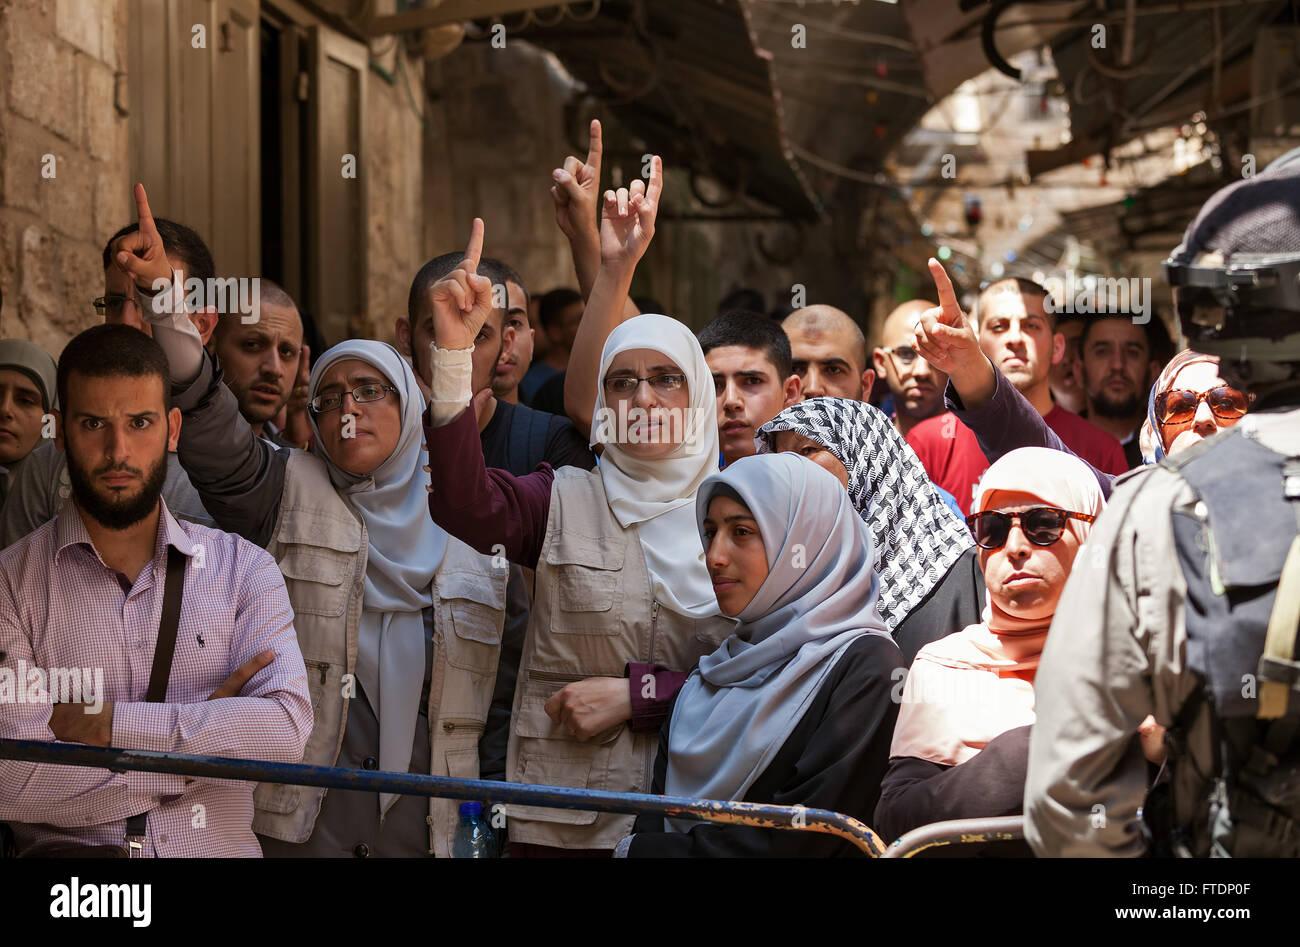 Protesta contra los palestinos en la Ciudad Vieja de Jerusalén contra el ascenso de religiosos judíos Imagen De Stock